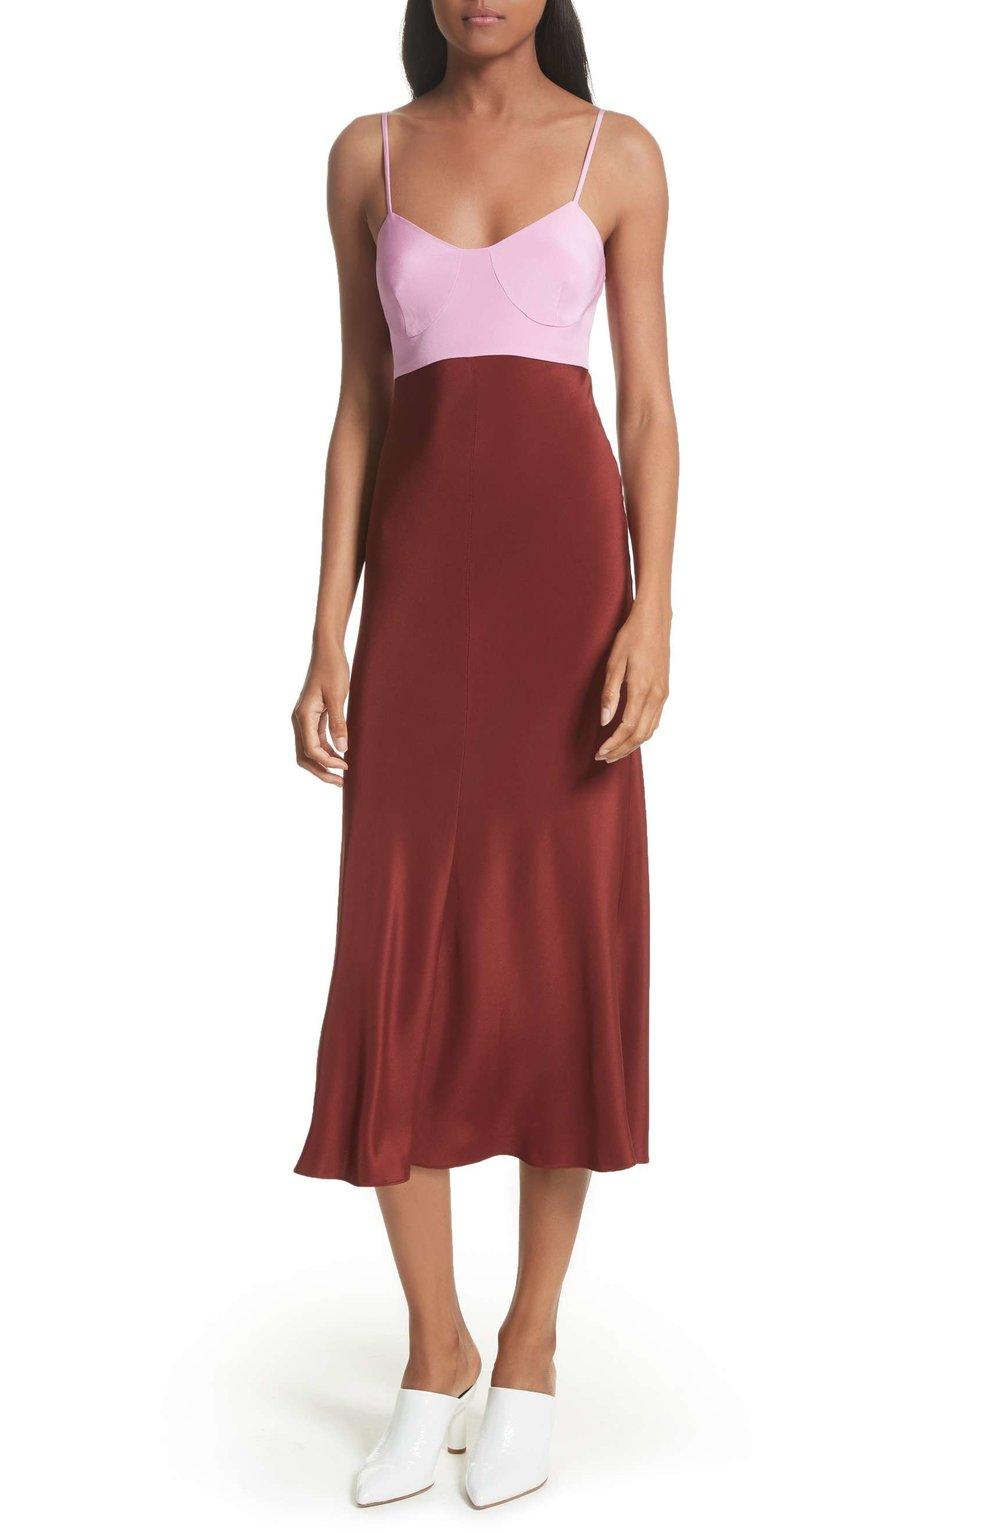 tibi dress.jpg